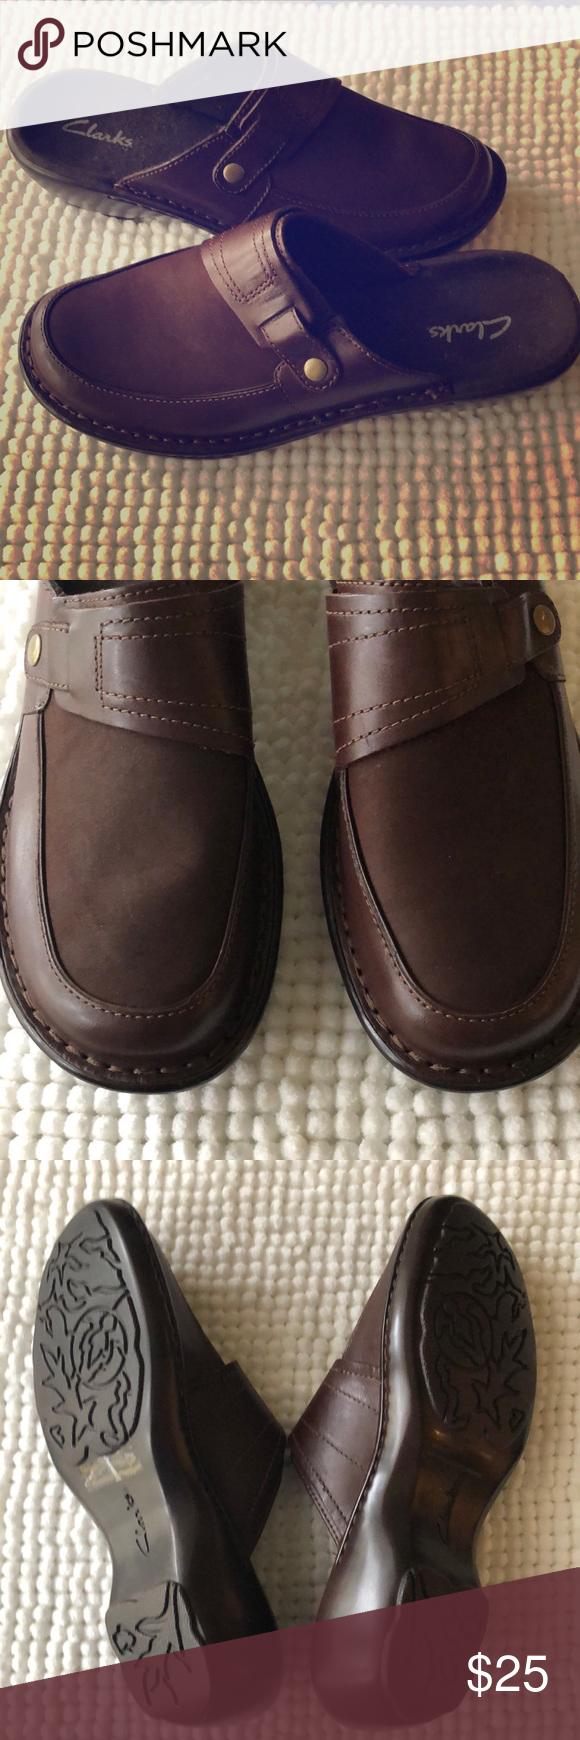 Clark clogs, Nursing shoes